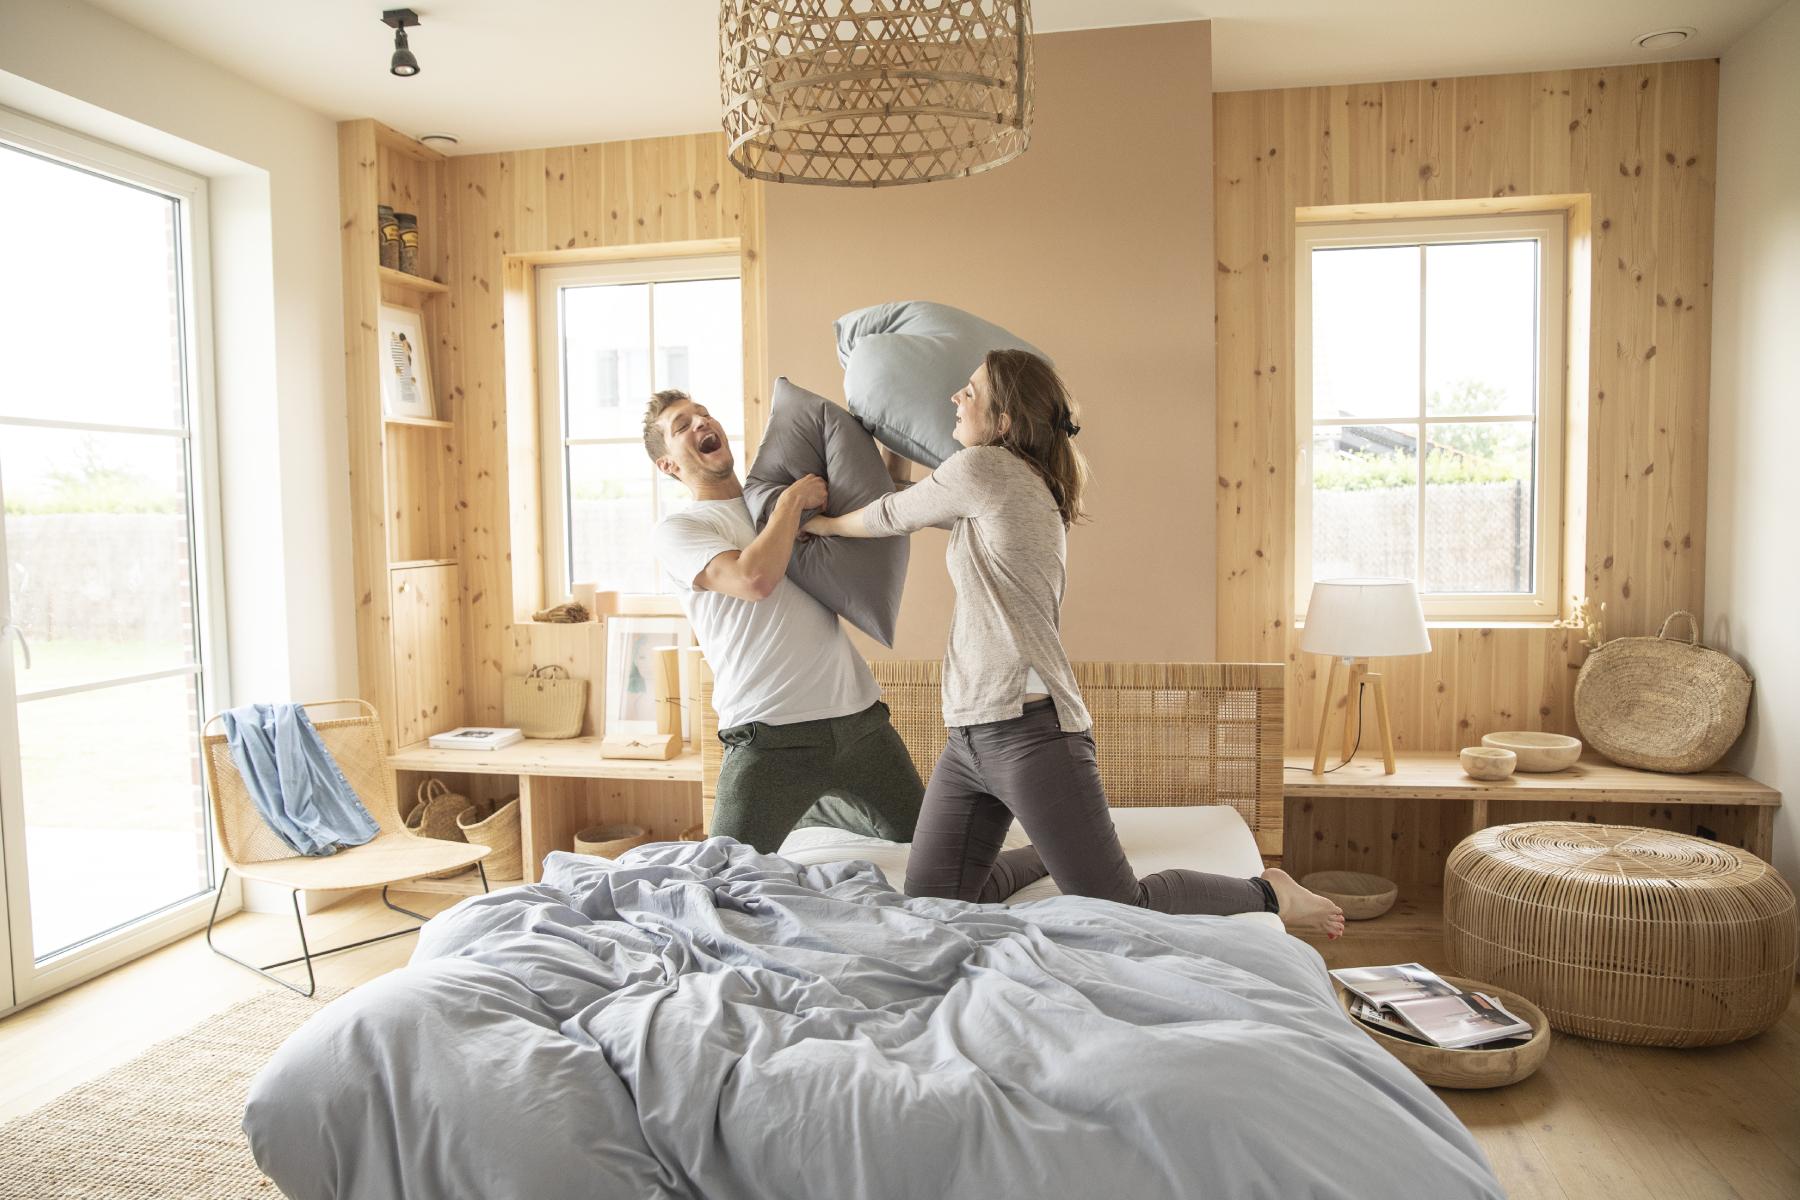 Le matelas Mousse Mémoire et le sommier à lattes Ilobed sont très confortables : un couple fait une bataille d'oreillers dessus dans une chambre cosy.